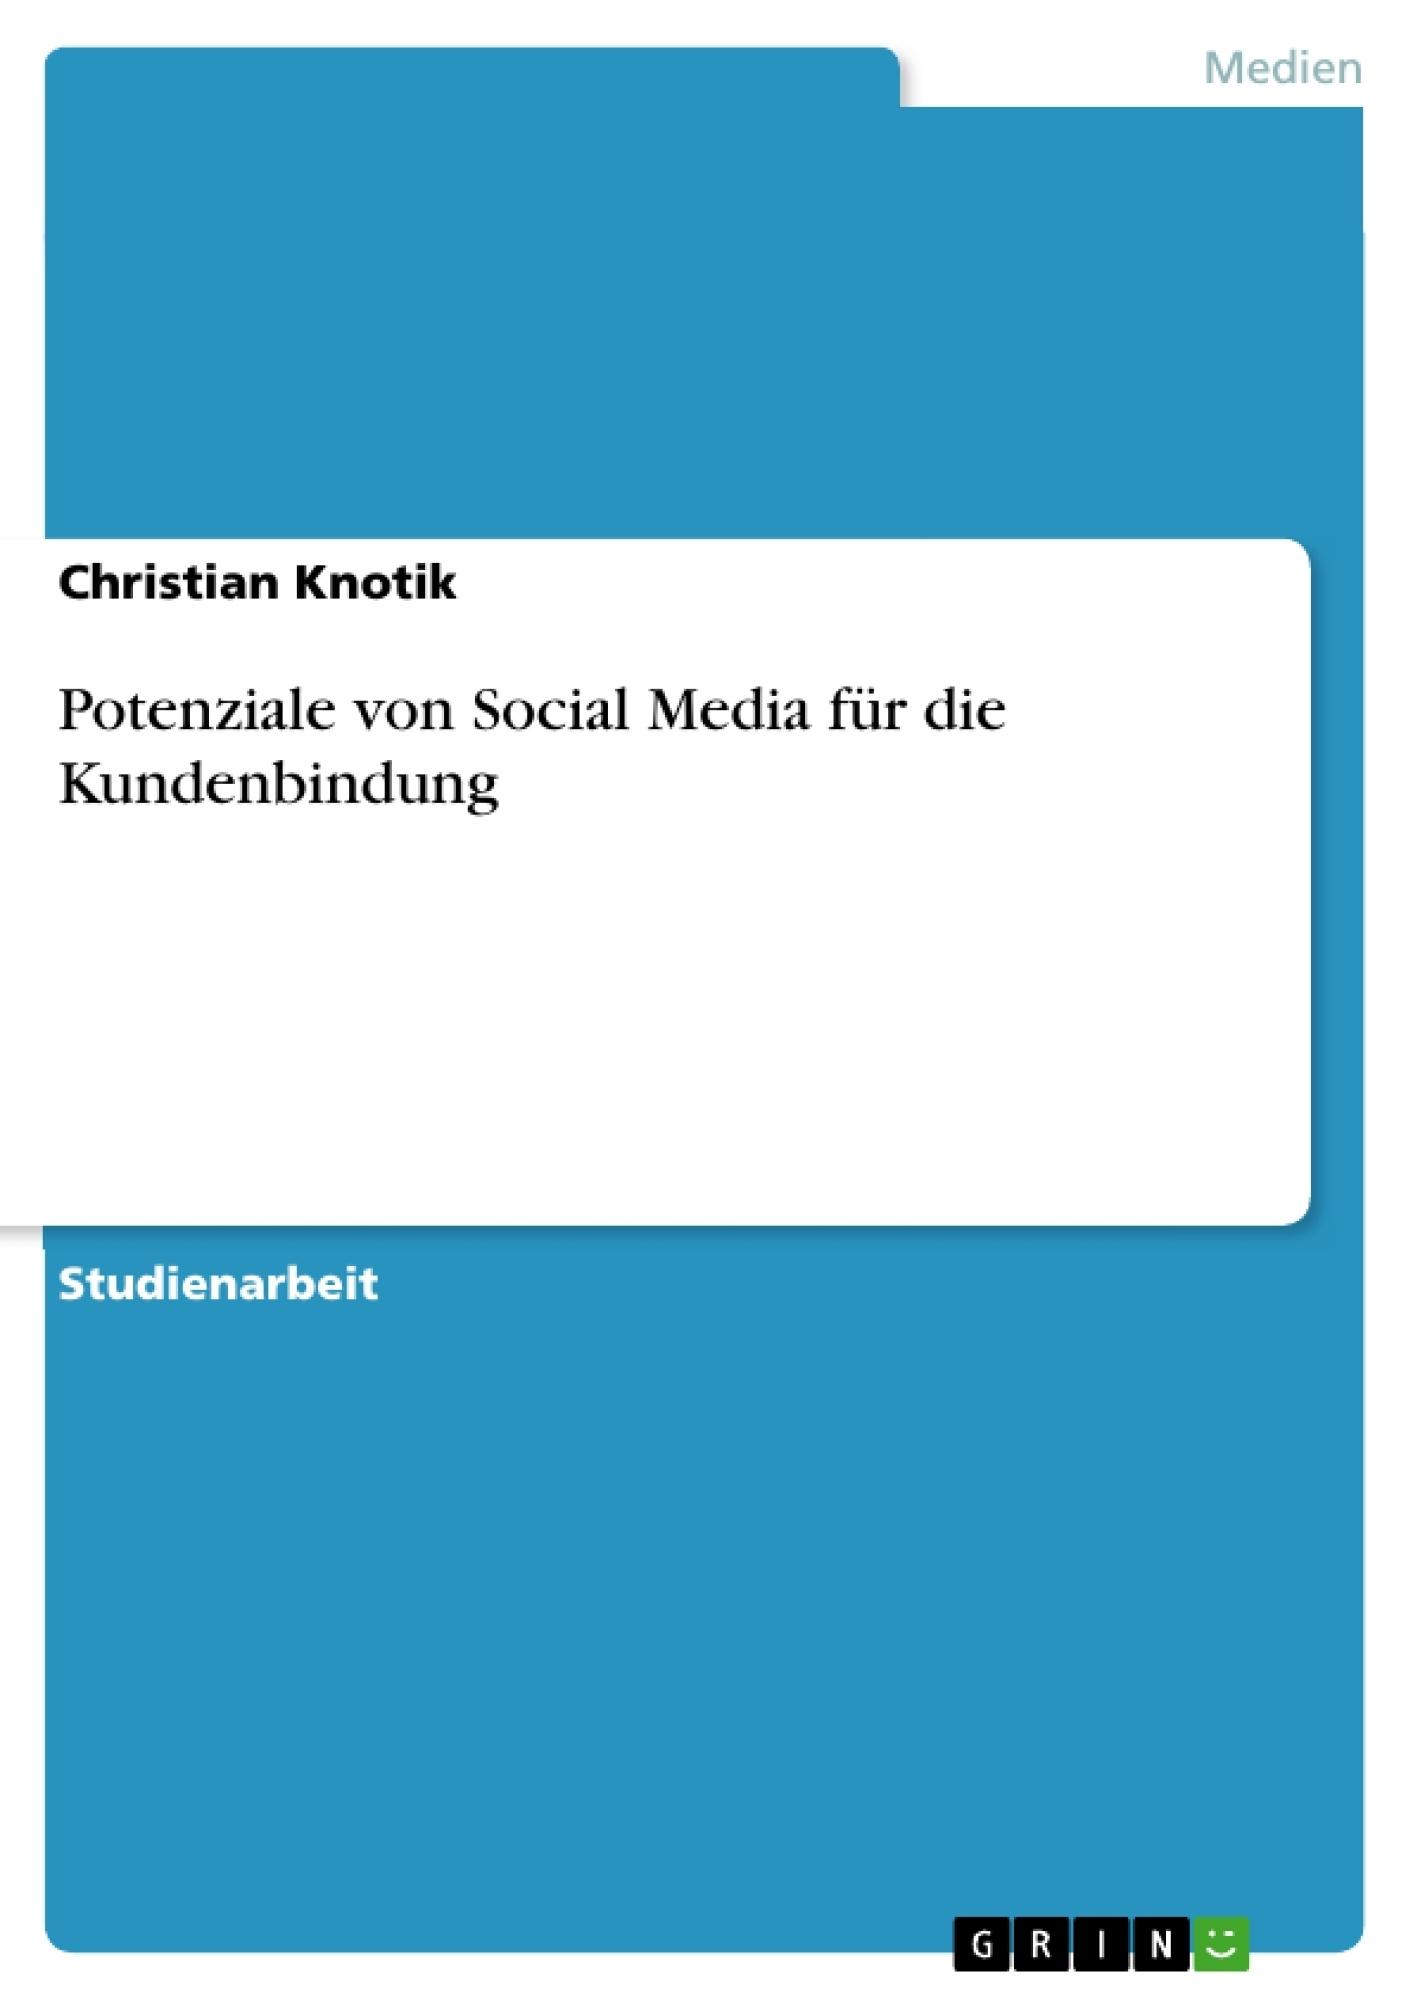 Titel: Potenziale von Social Media für die Kundenbindung